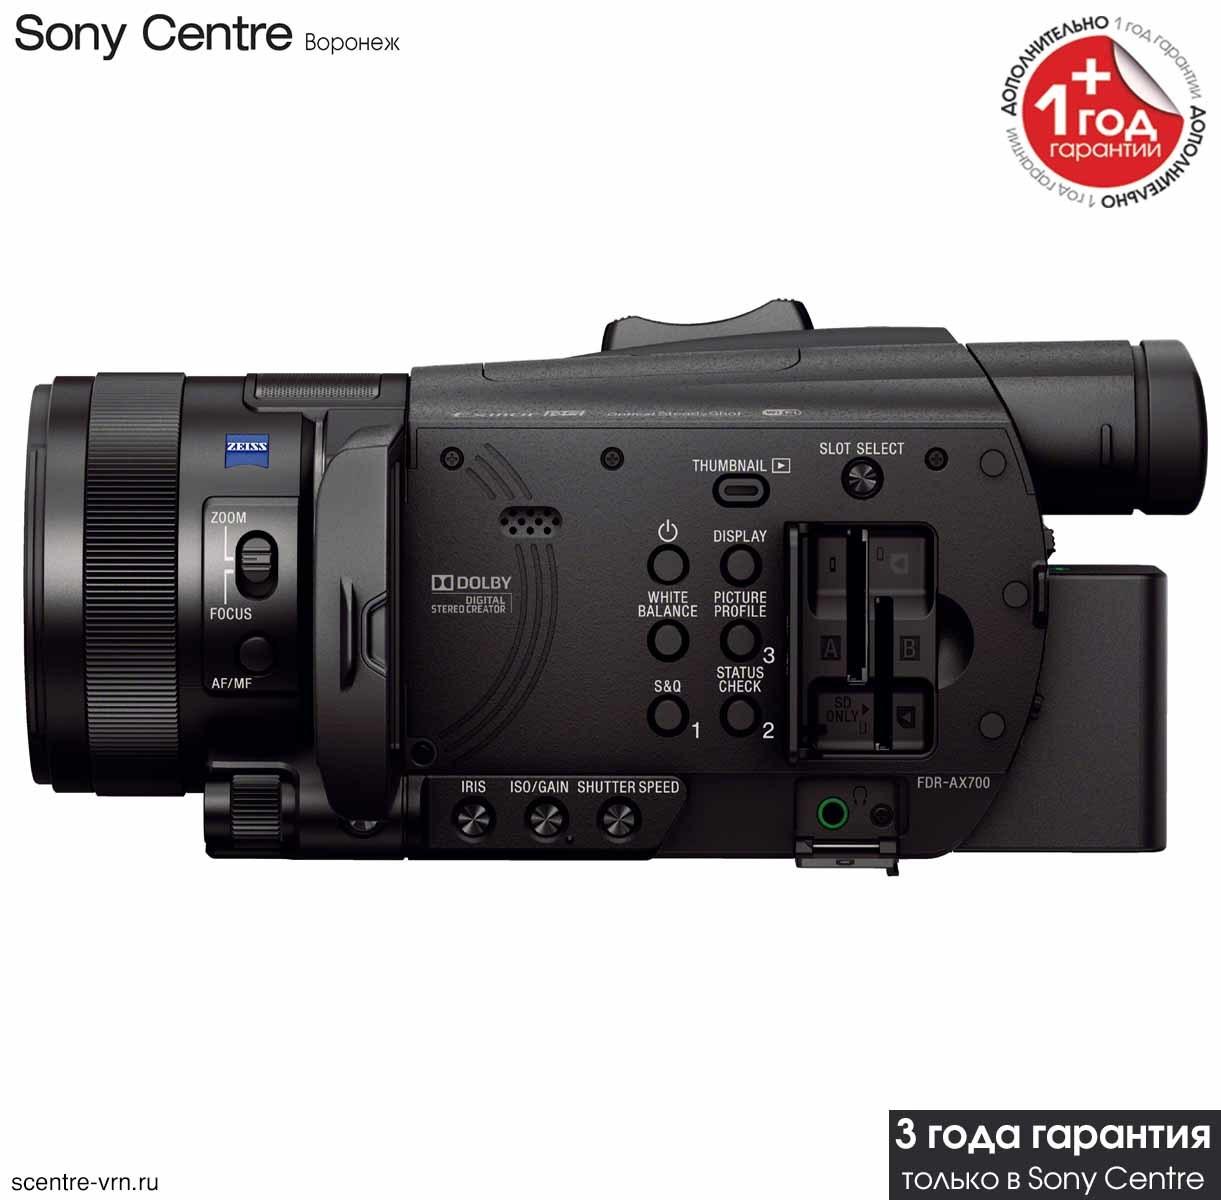 Купить Sony FDR-AX700 в Sony Centre Воронеж